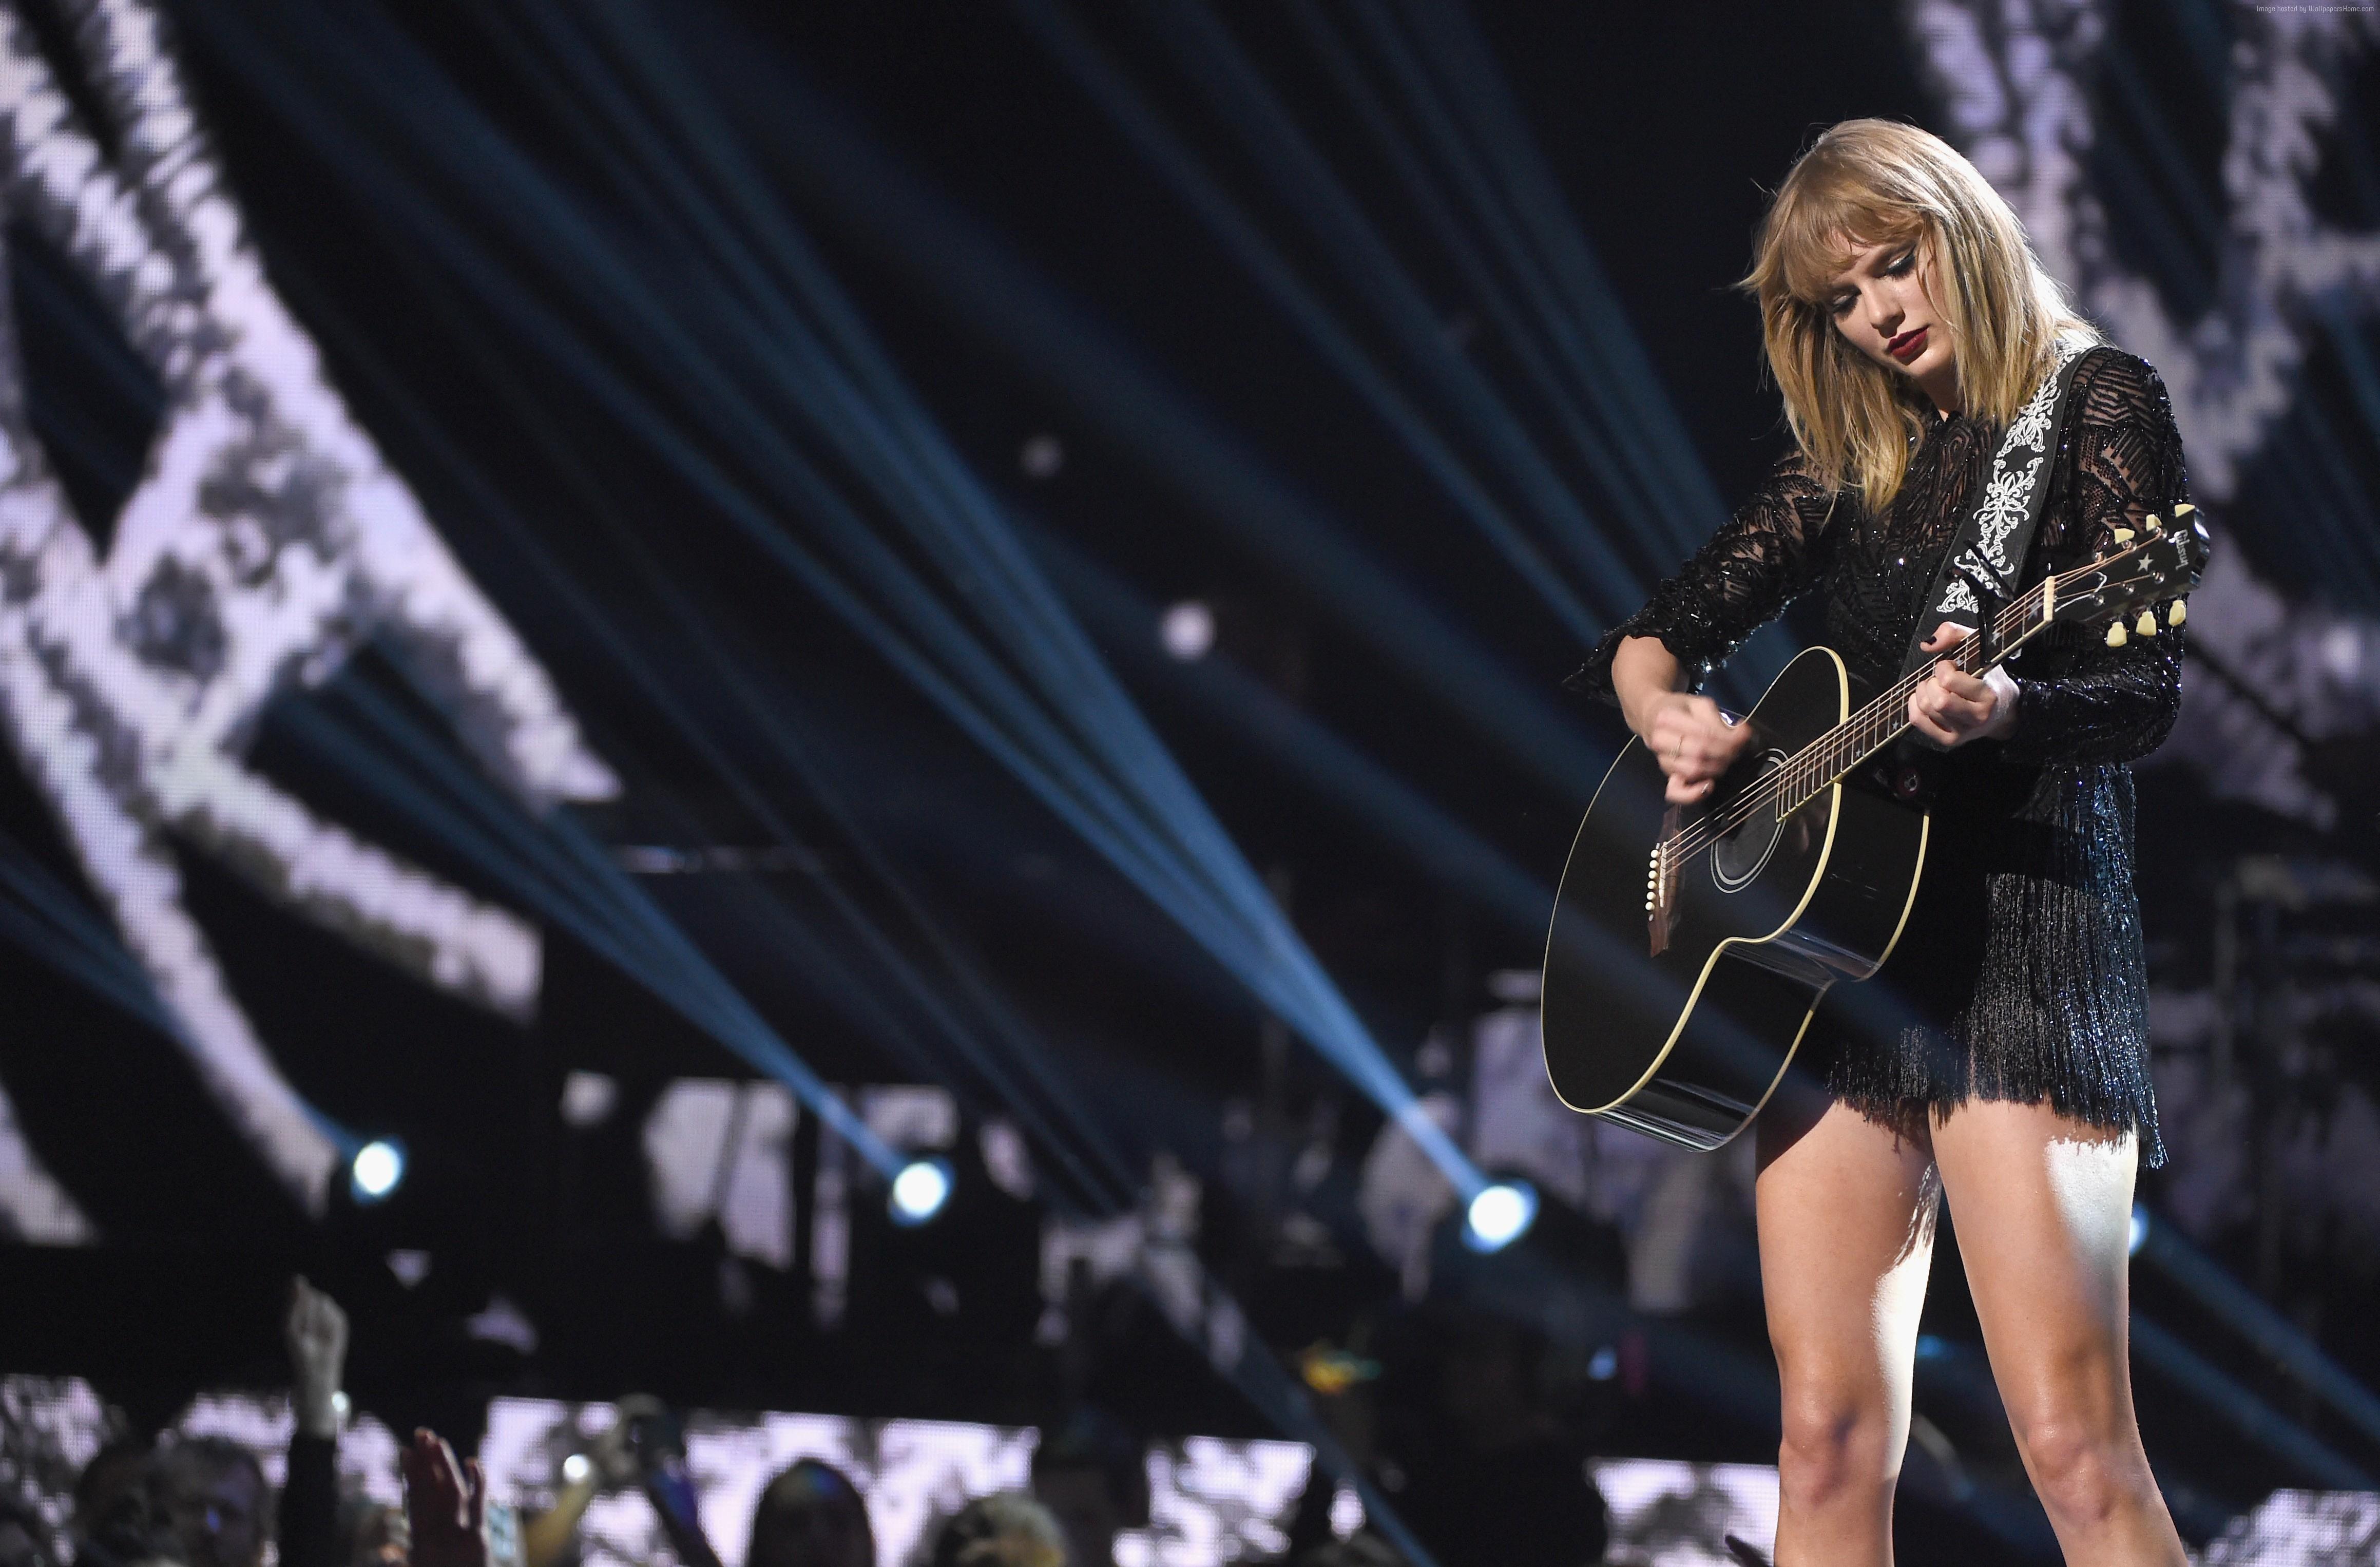 Wallpaper MTV Video Music Awards 2017 Taylor Swift 4k 4636x3052